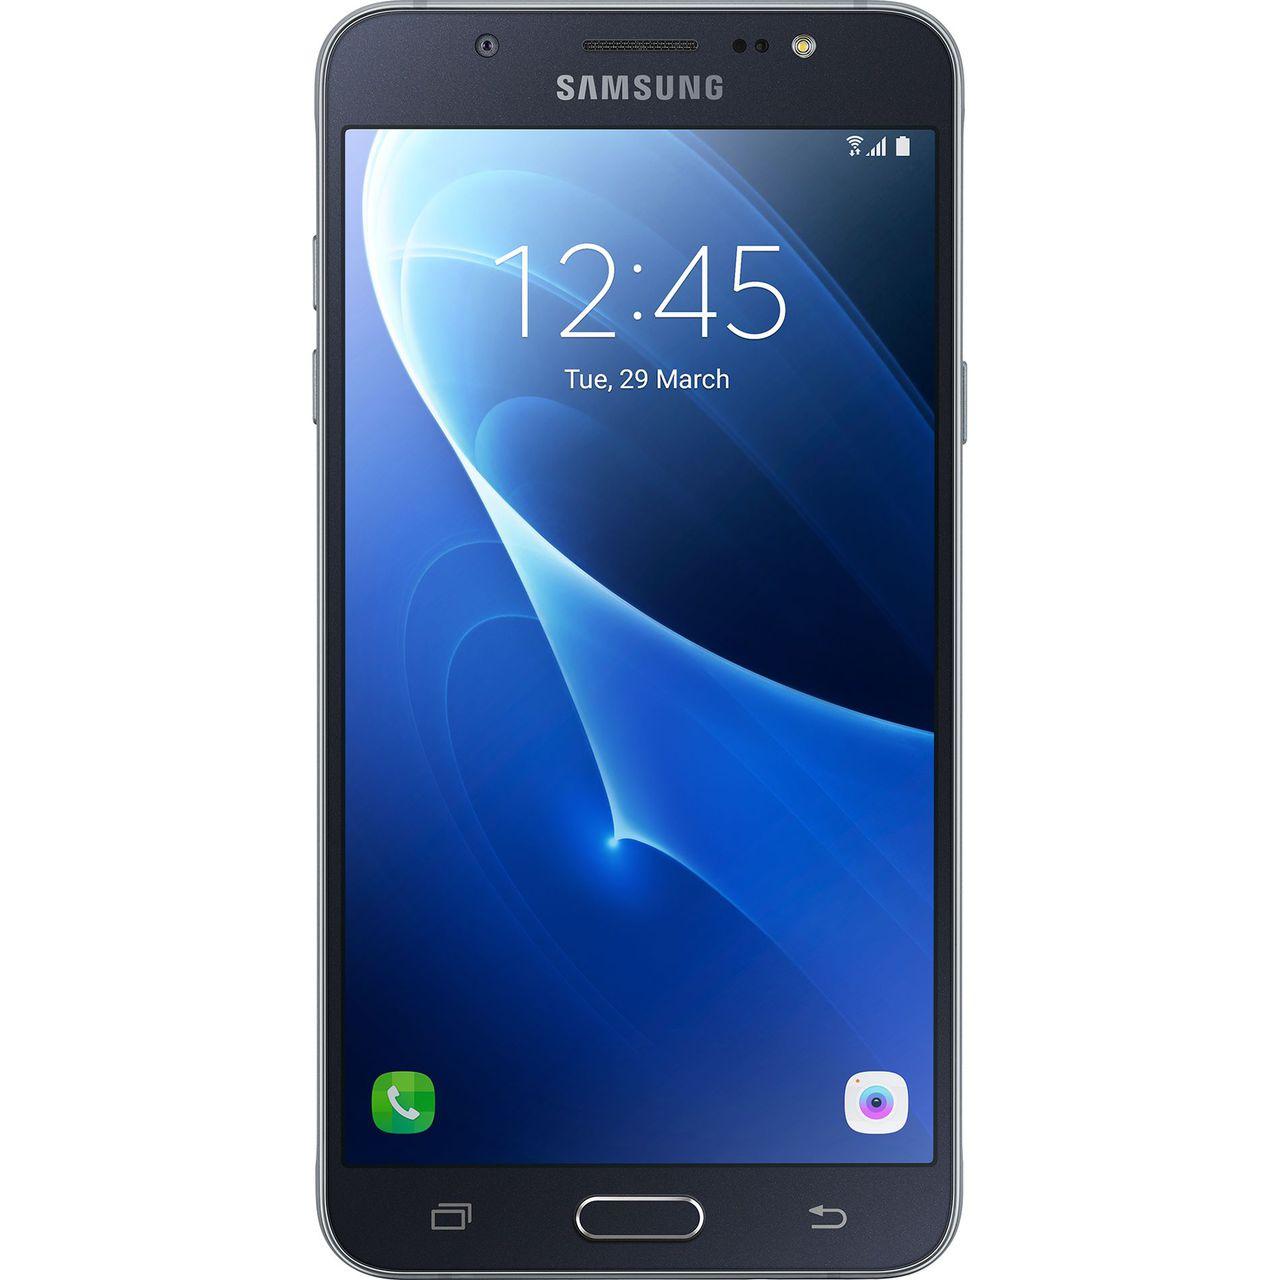 Samsung Galaxy J5 2016 Proqramlari Pictures Free Download Garansi Resmi 800x800 J510f Ds Black Mobil Barcz 1280x1280 100 Original